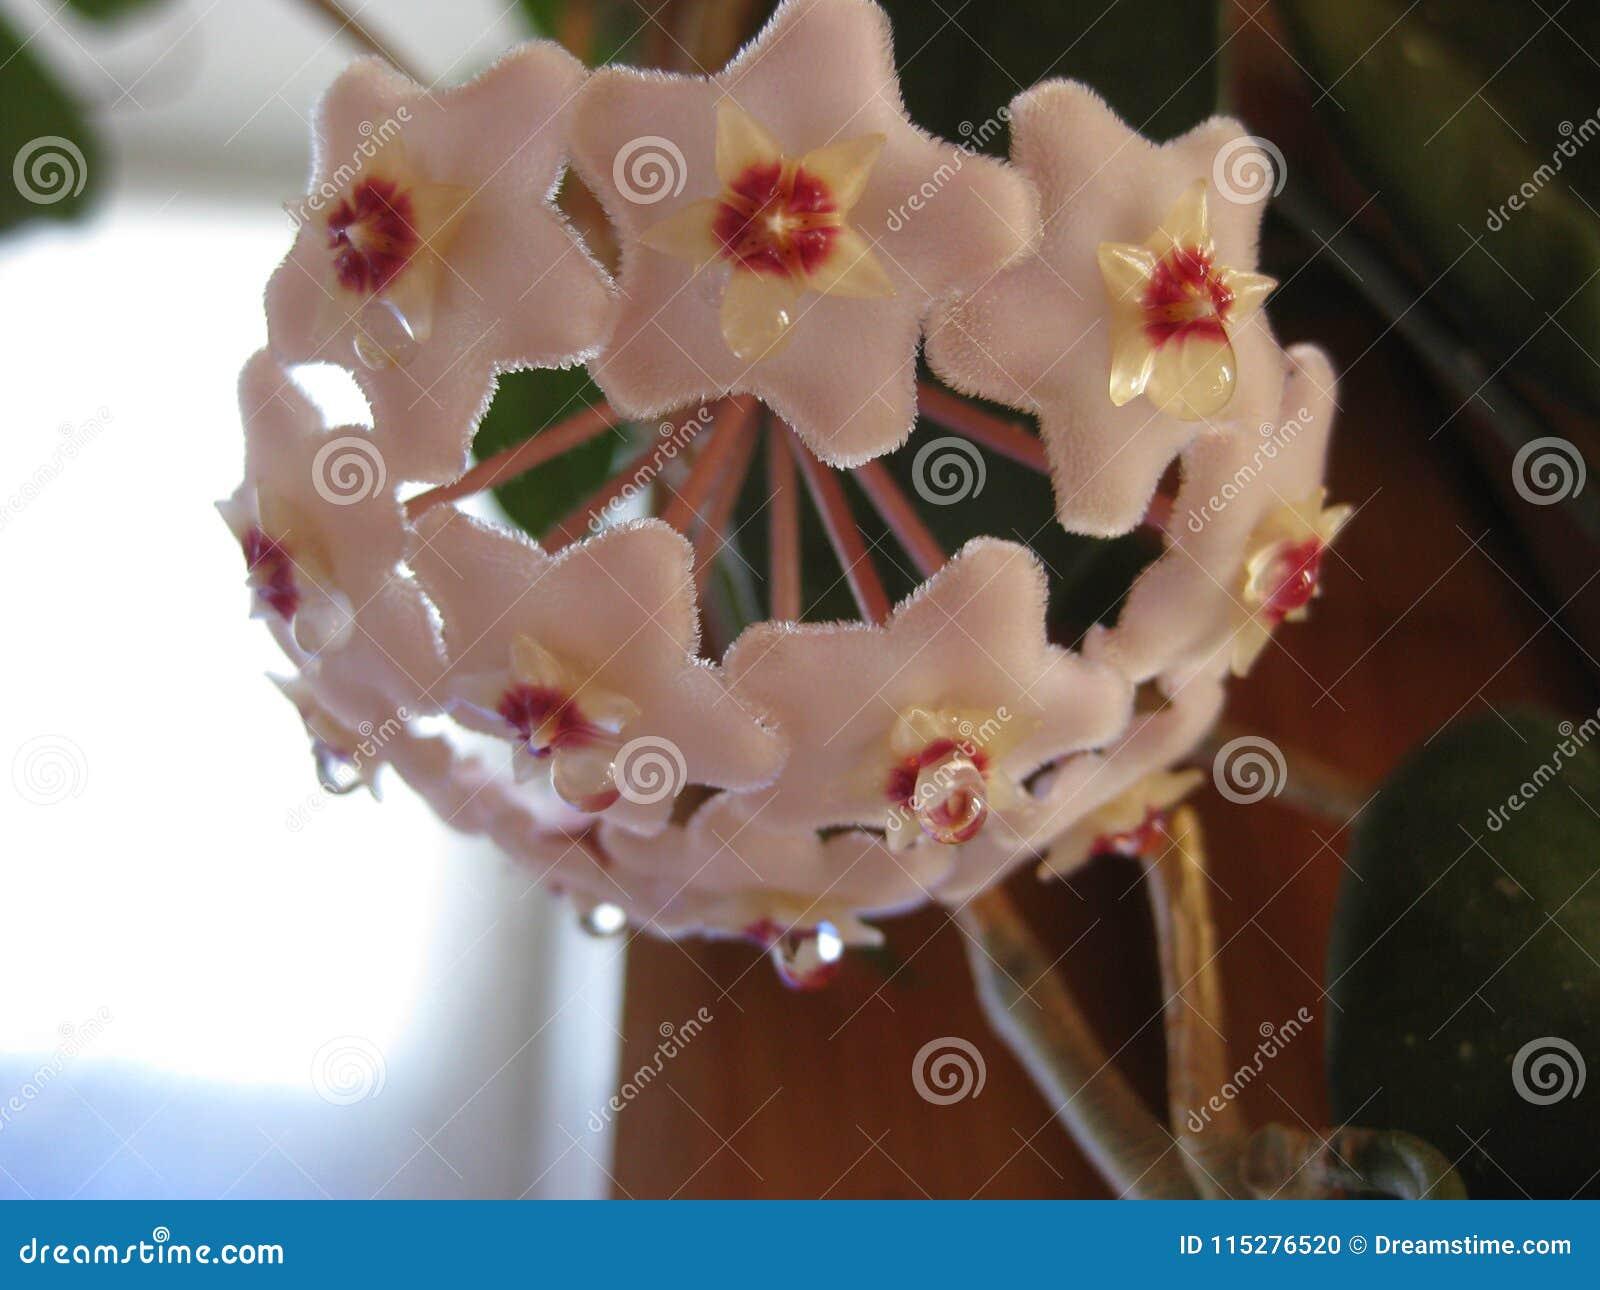 Hoya-Blumen sind klein und irgendwie in den kleinen Blumensträußen - sehr netter Blick im Innenraum gesammelt